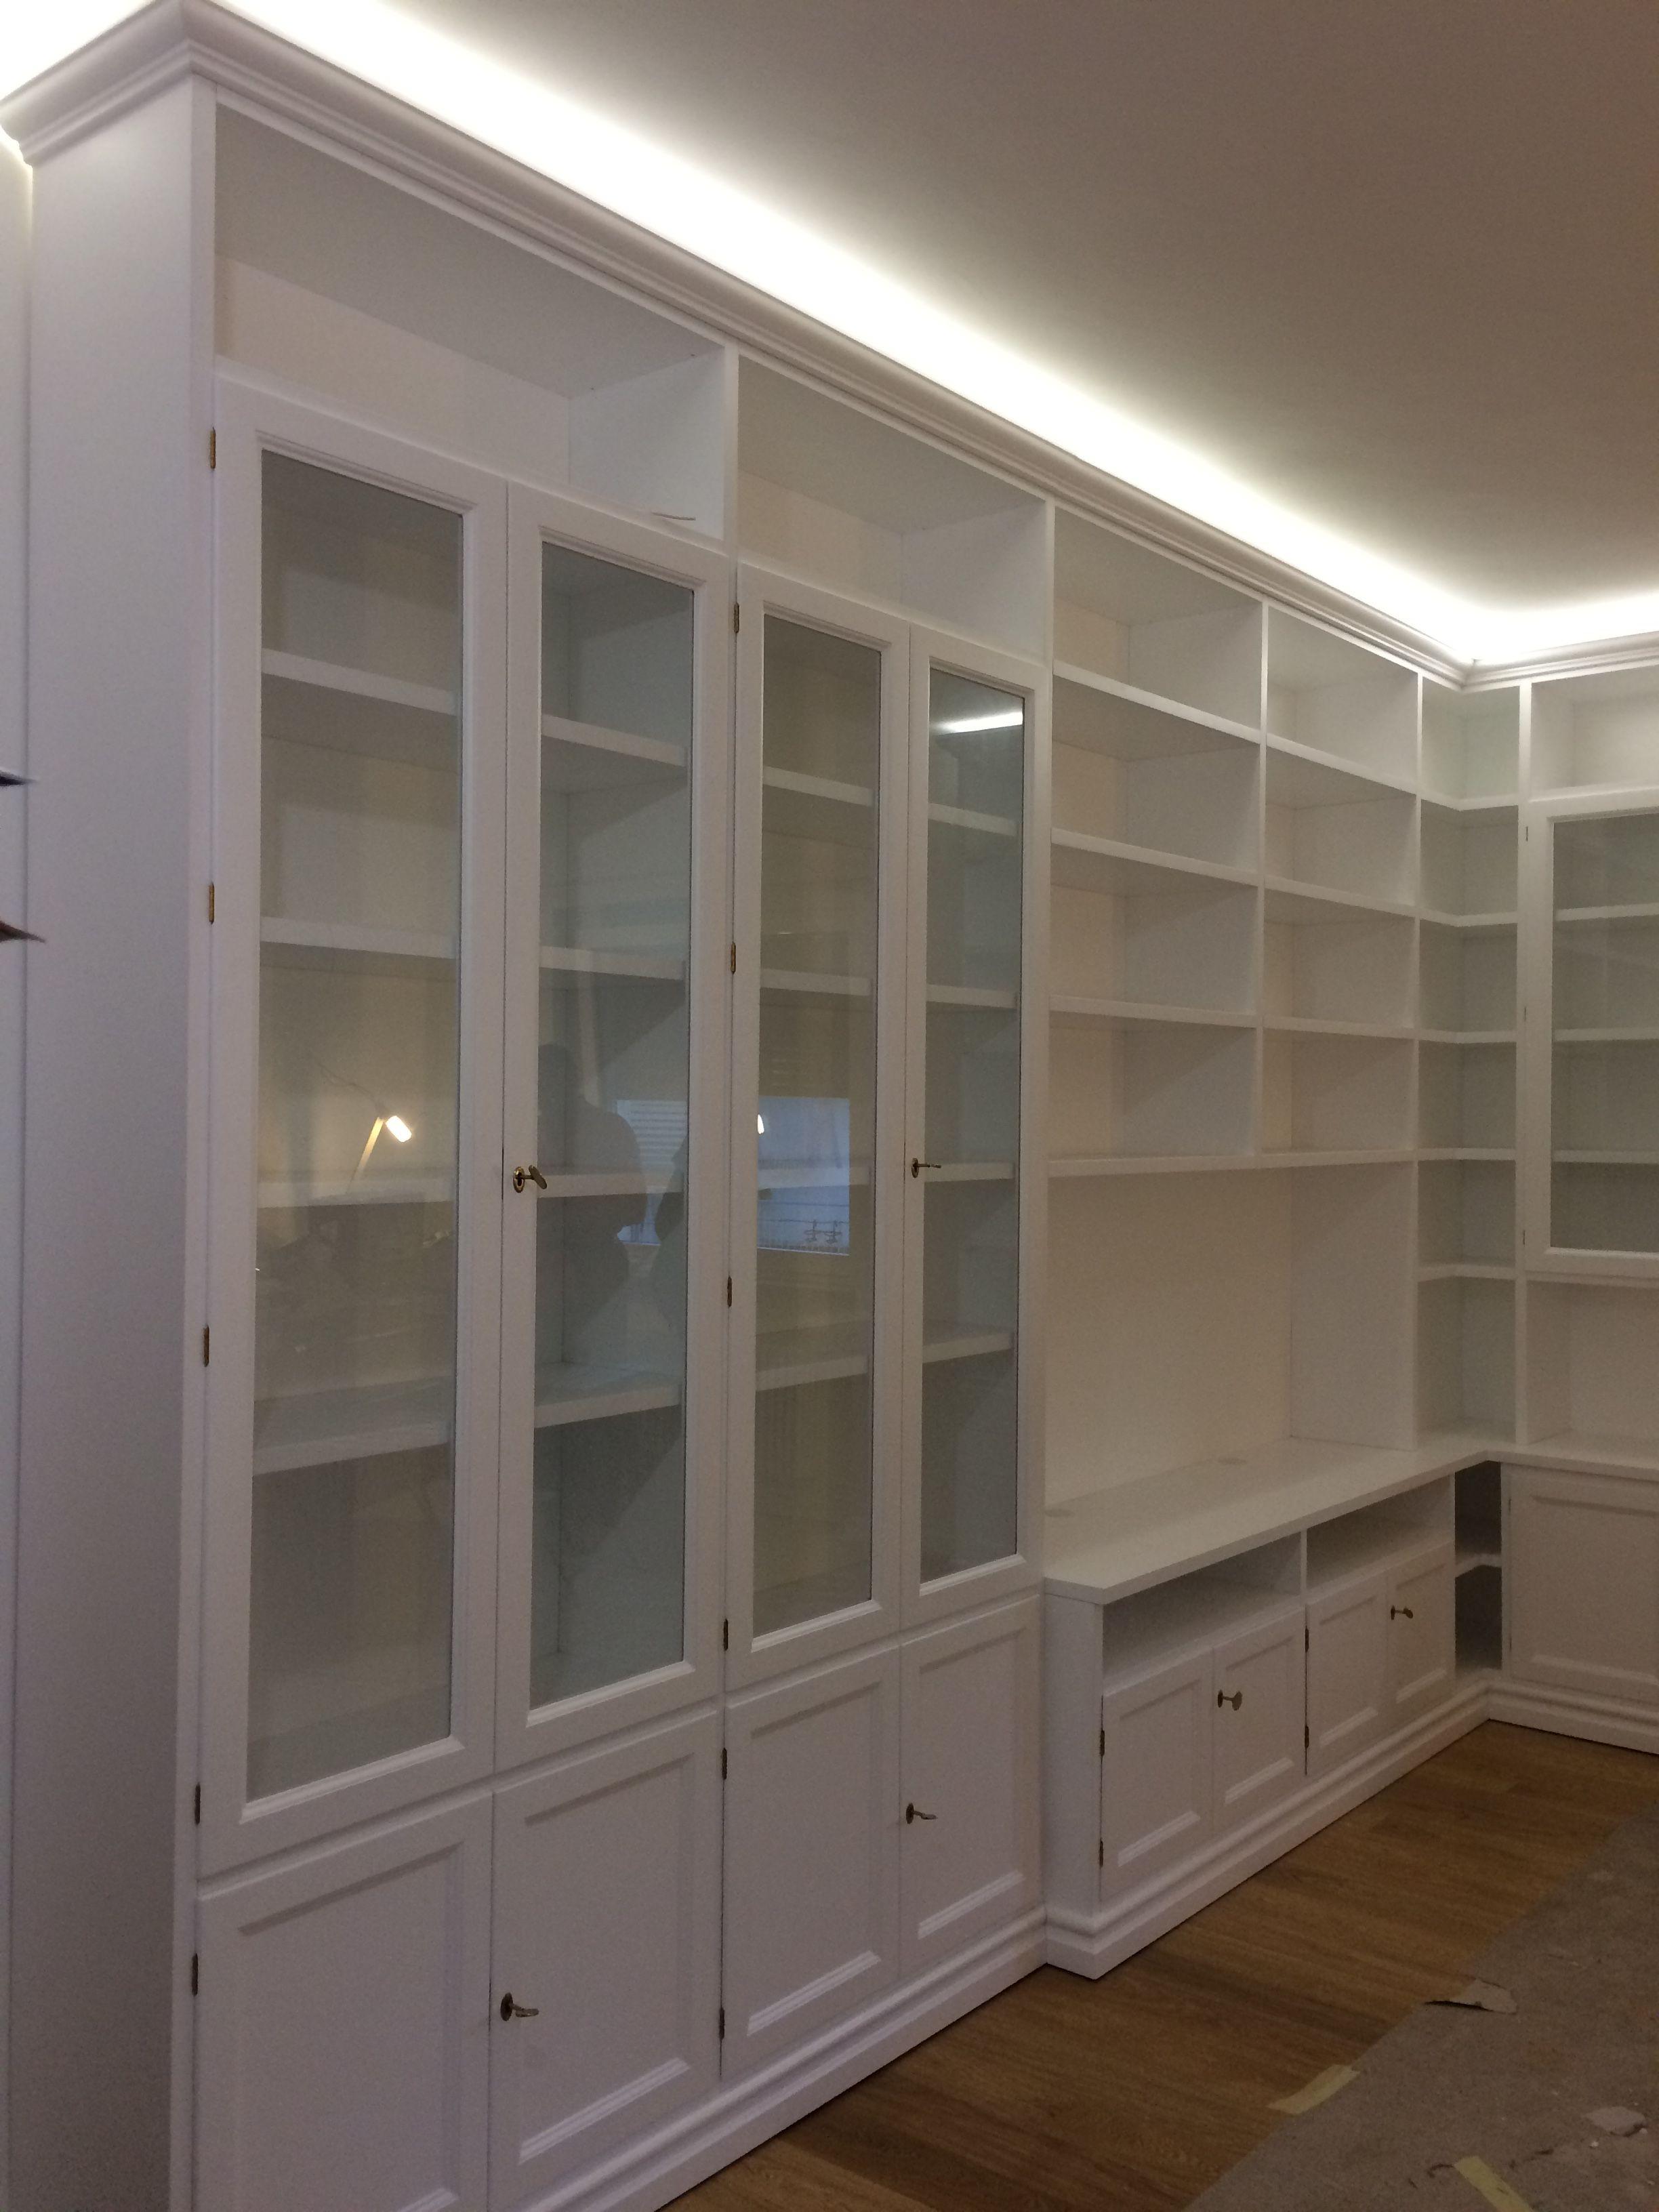 Libreria Bianca Arredamento.Una Libreria Su Misura Laccata Bianca Con Parti A Giorno E